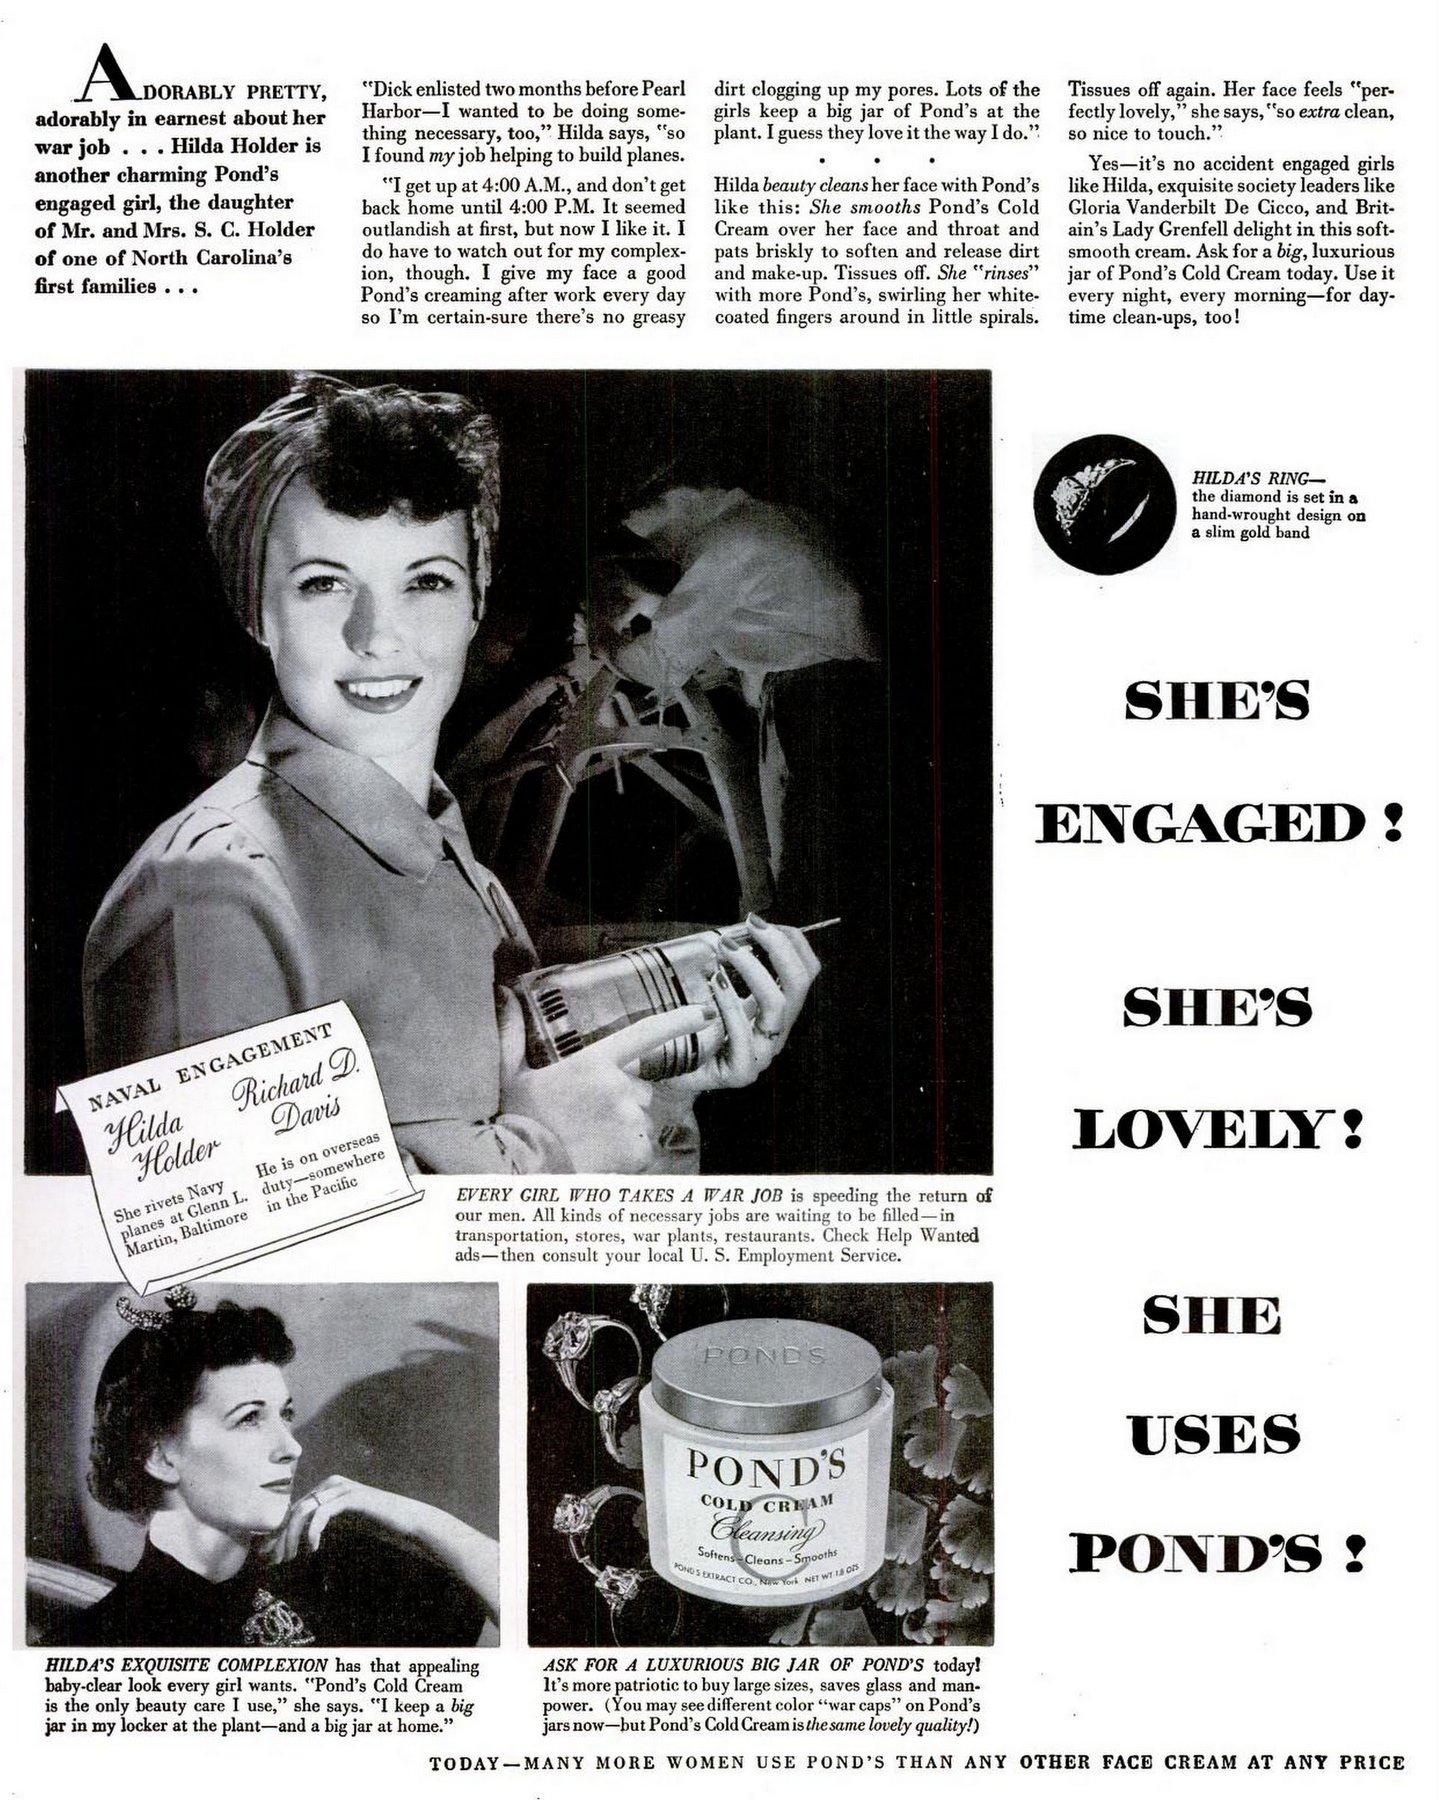 Hilda Holder WWII Riveter - Pond's Engaged Girl (1944)I